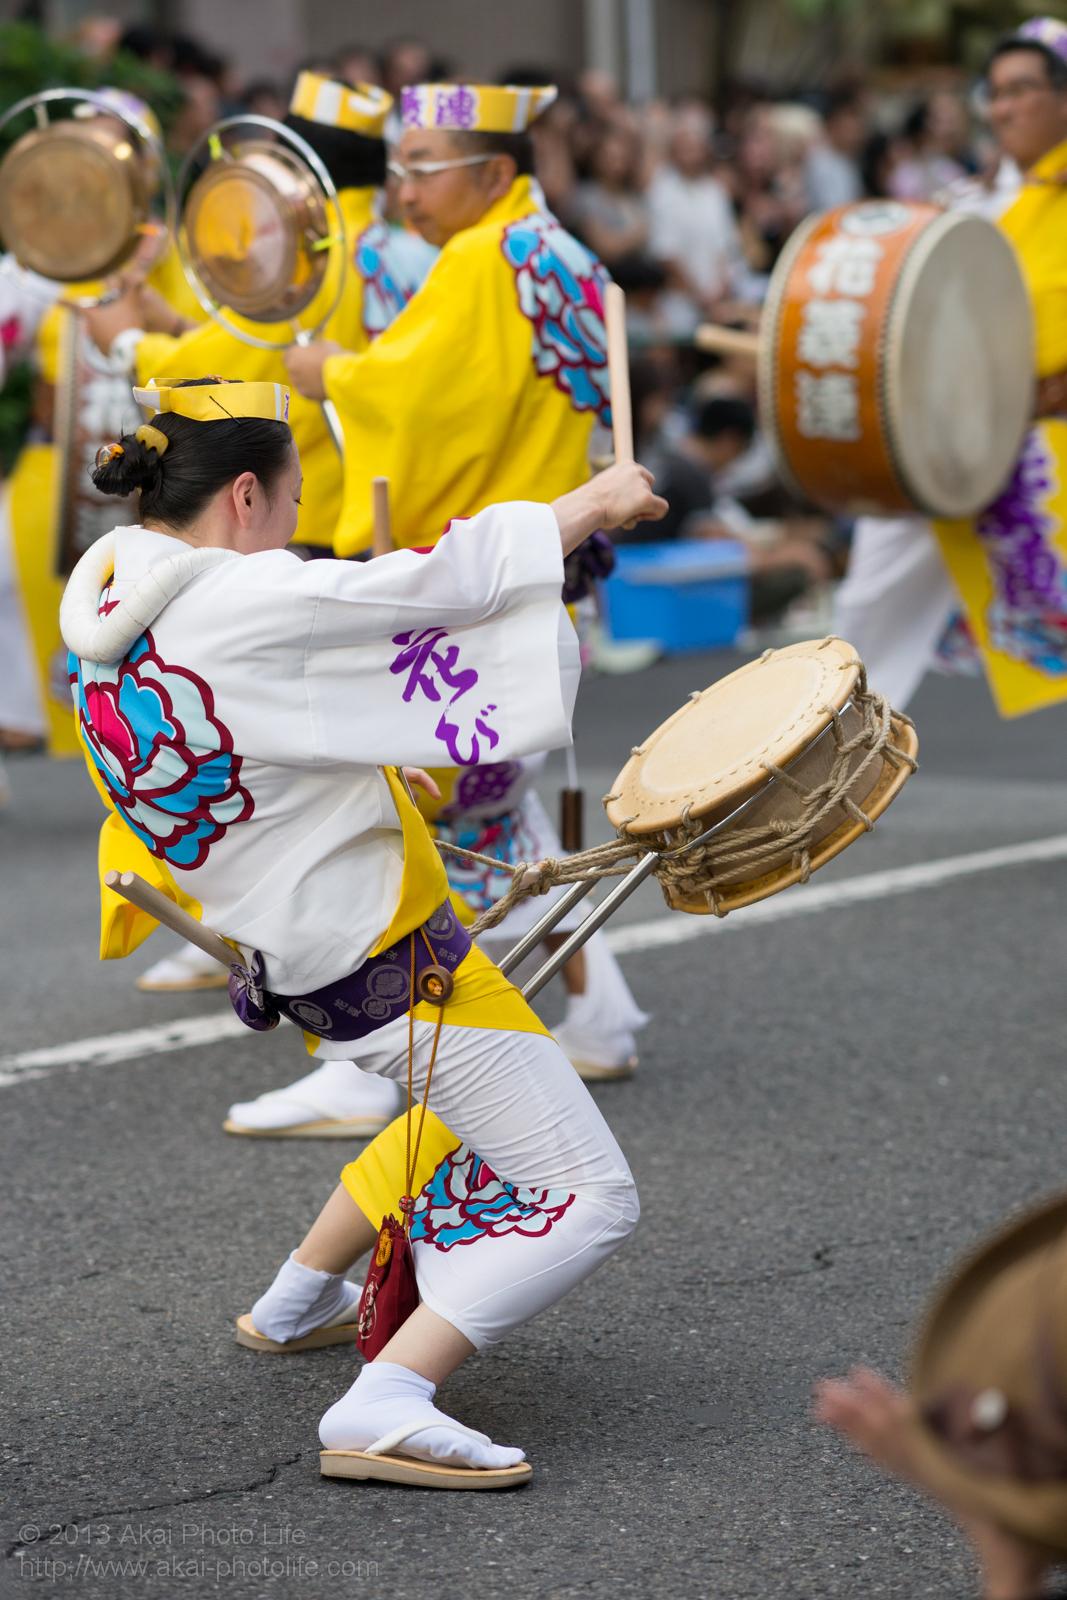 高円寺阿波踊り 花菱連の太鼓の鳴り物